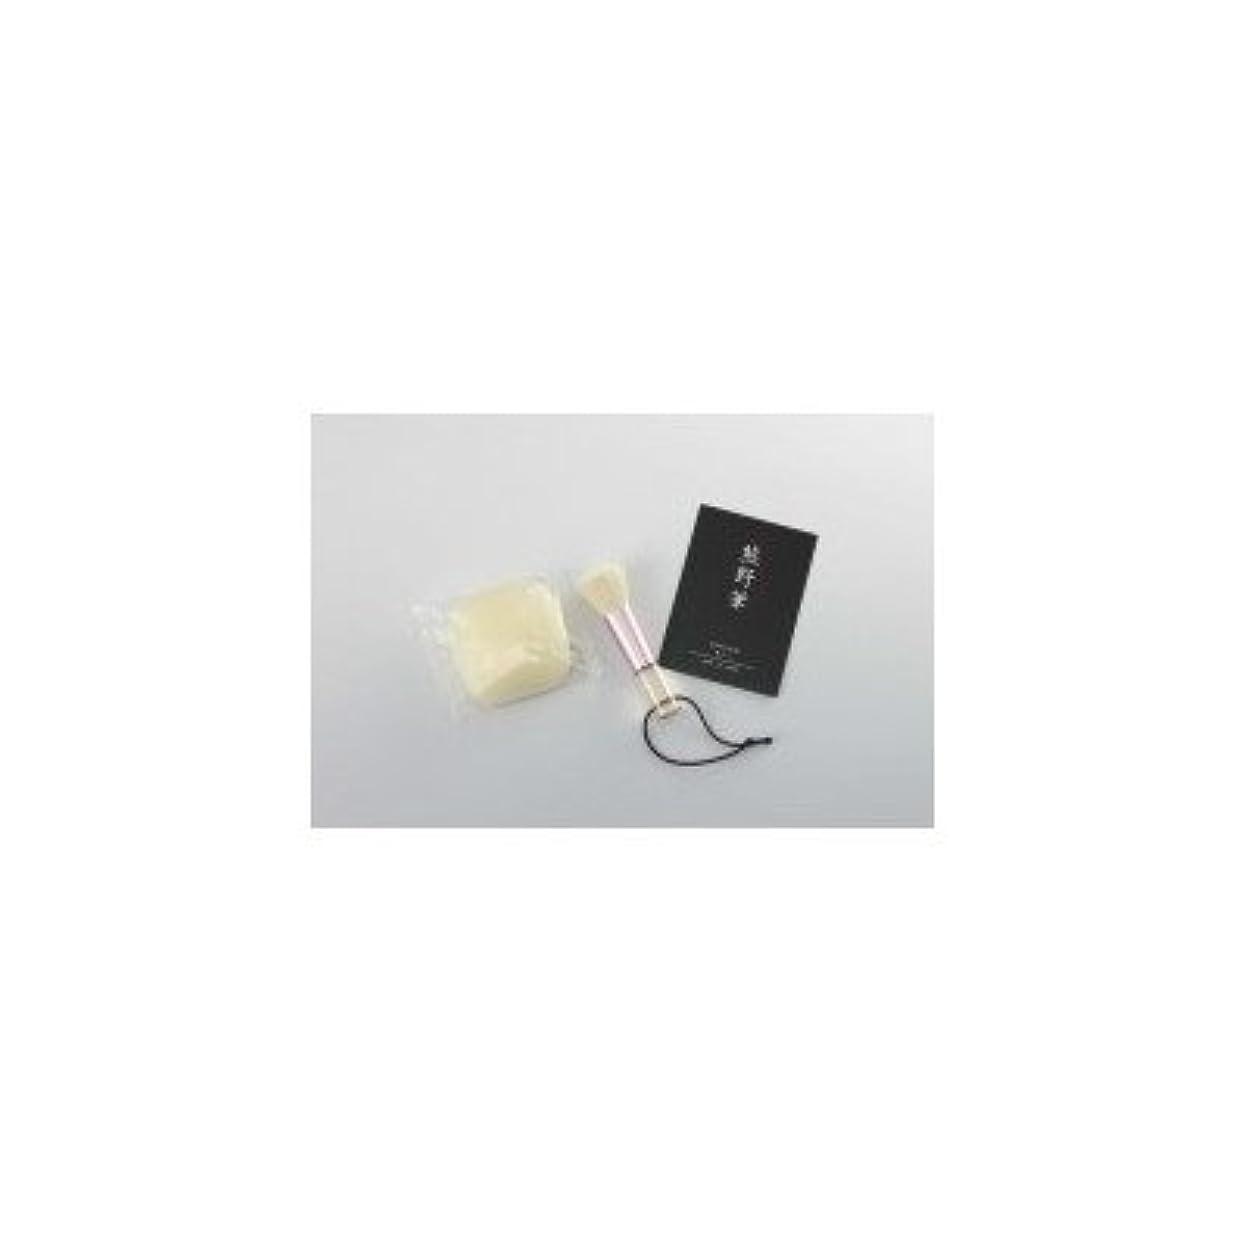 硬さ対人才能世界に誇る熊野化粧筆 KFi-35FSZ 熊野化粧筆 筆の心 洗顔ブラシ&ソープ